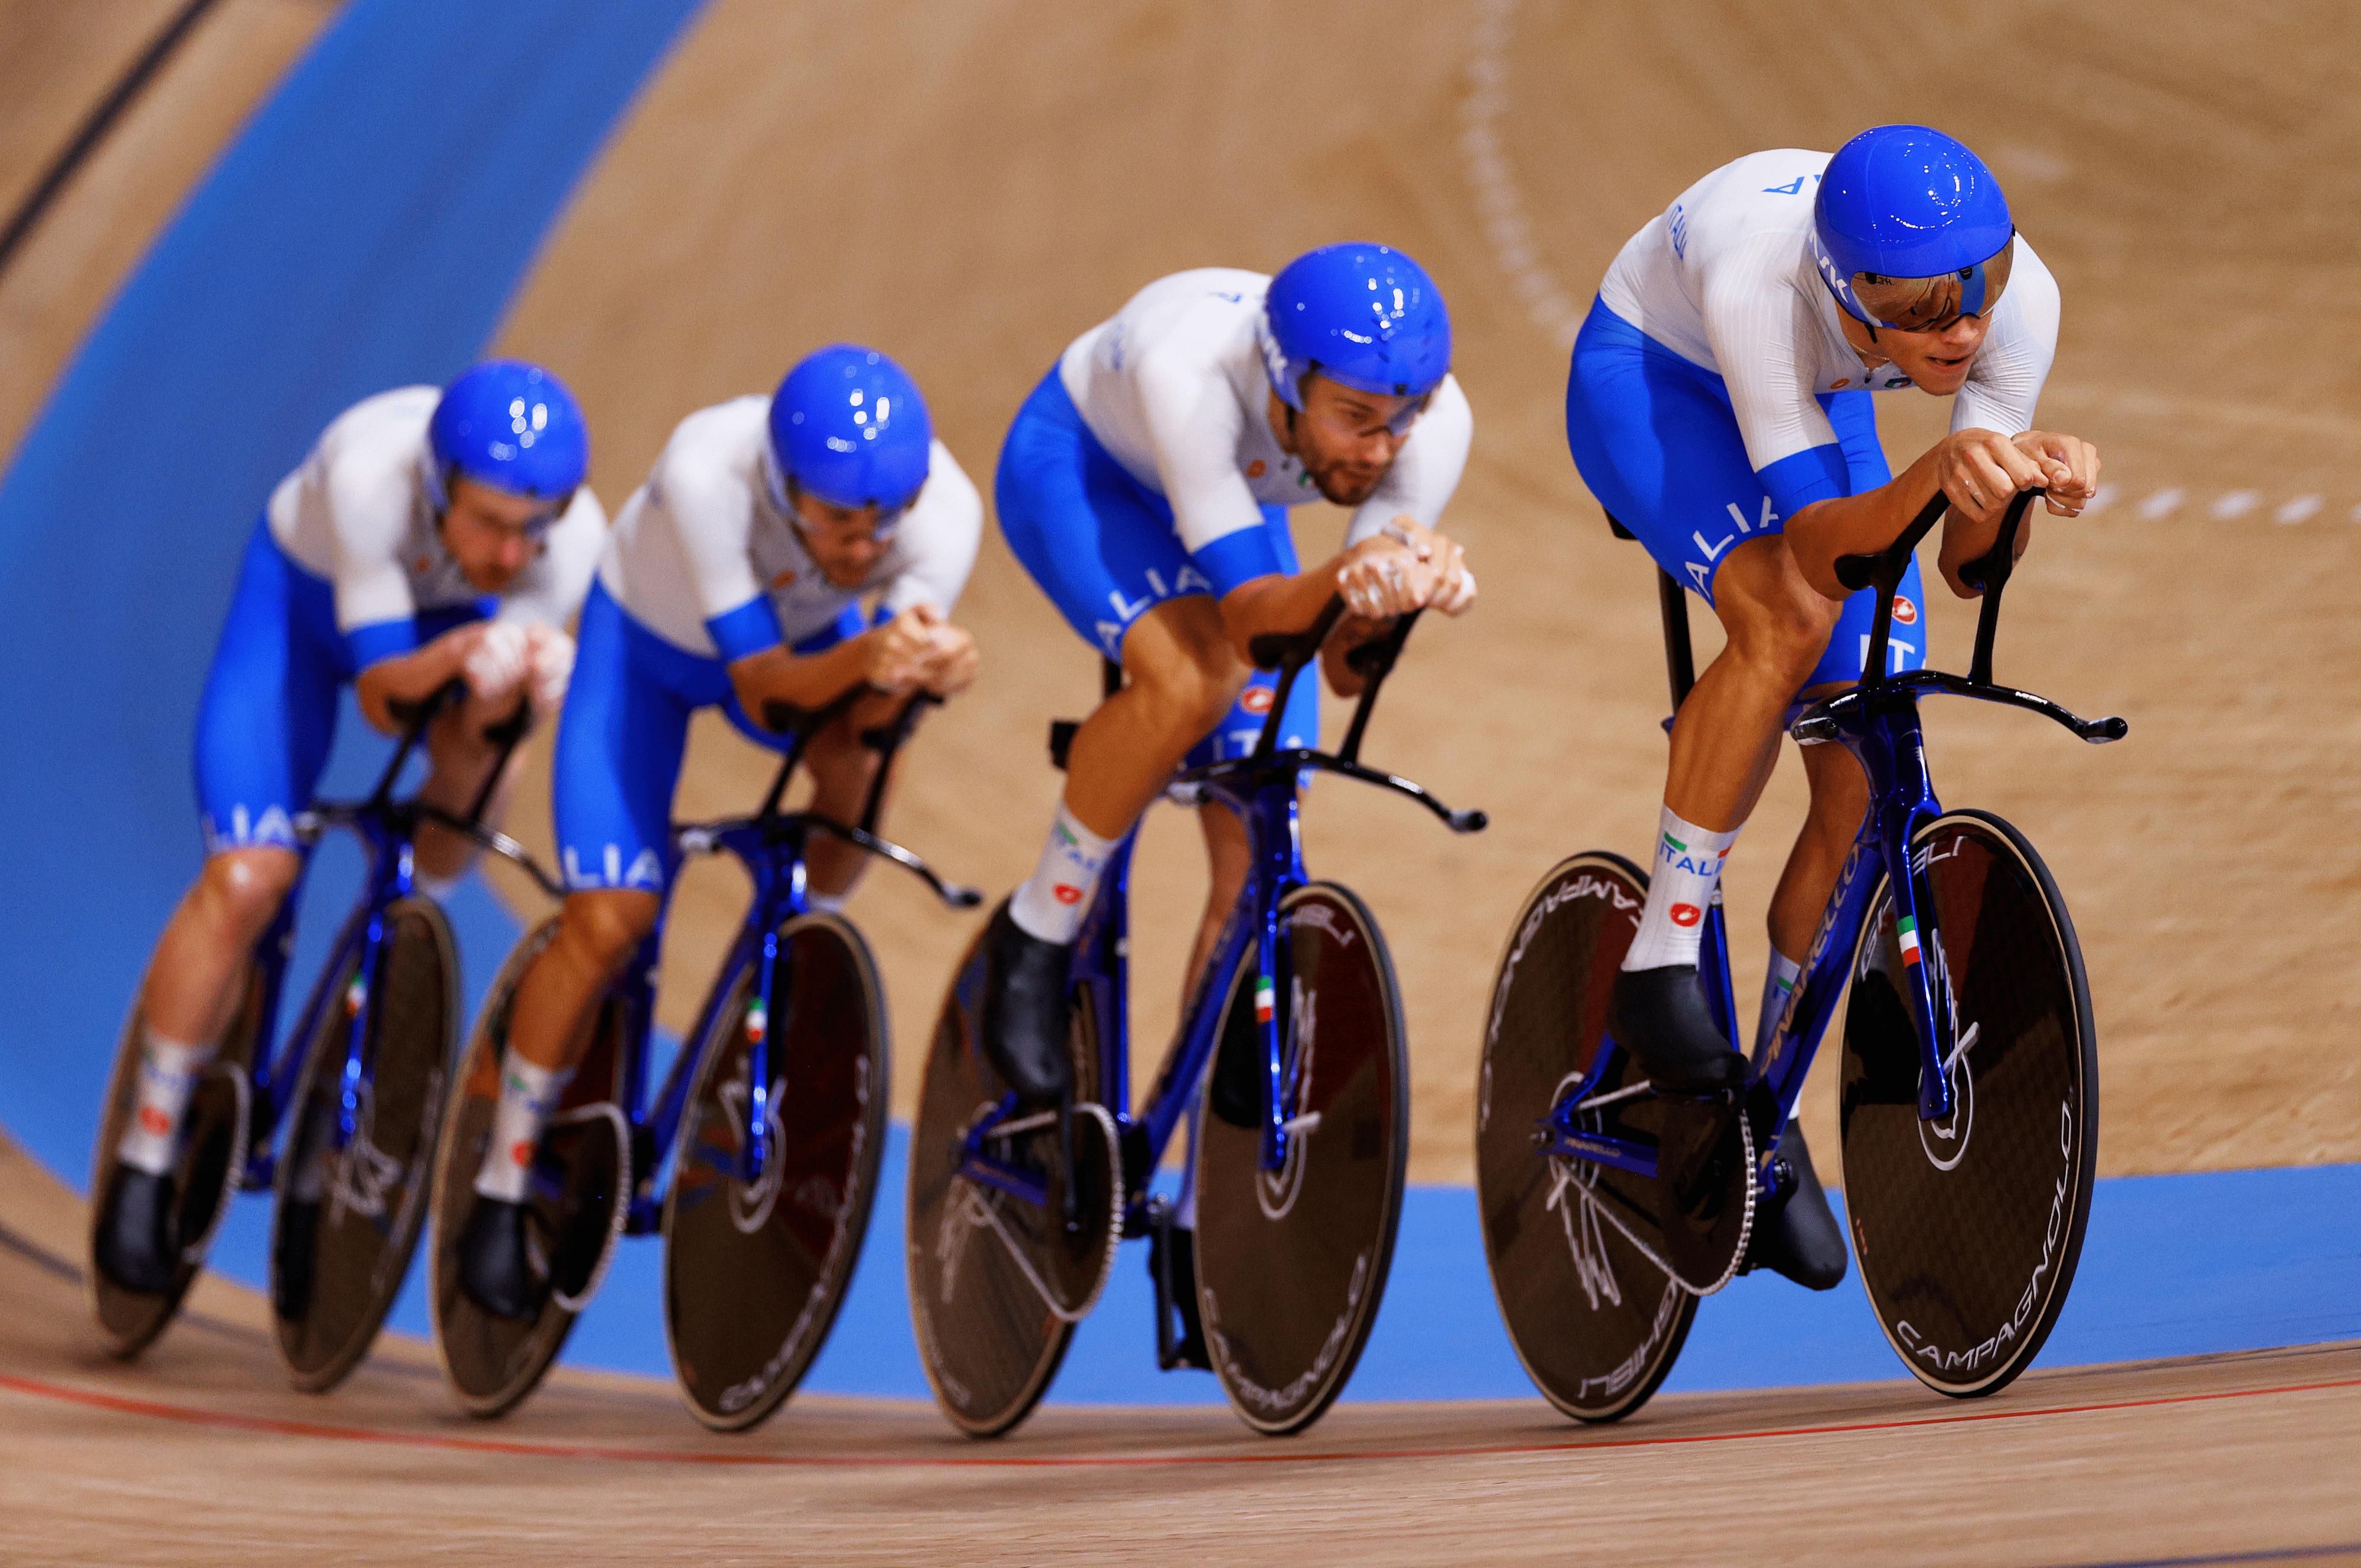 L'Italia è la vincitrice dell'Oro nel quartetto olimpico